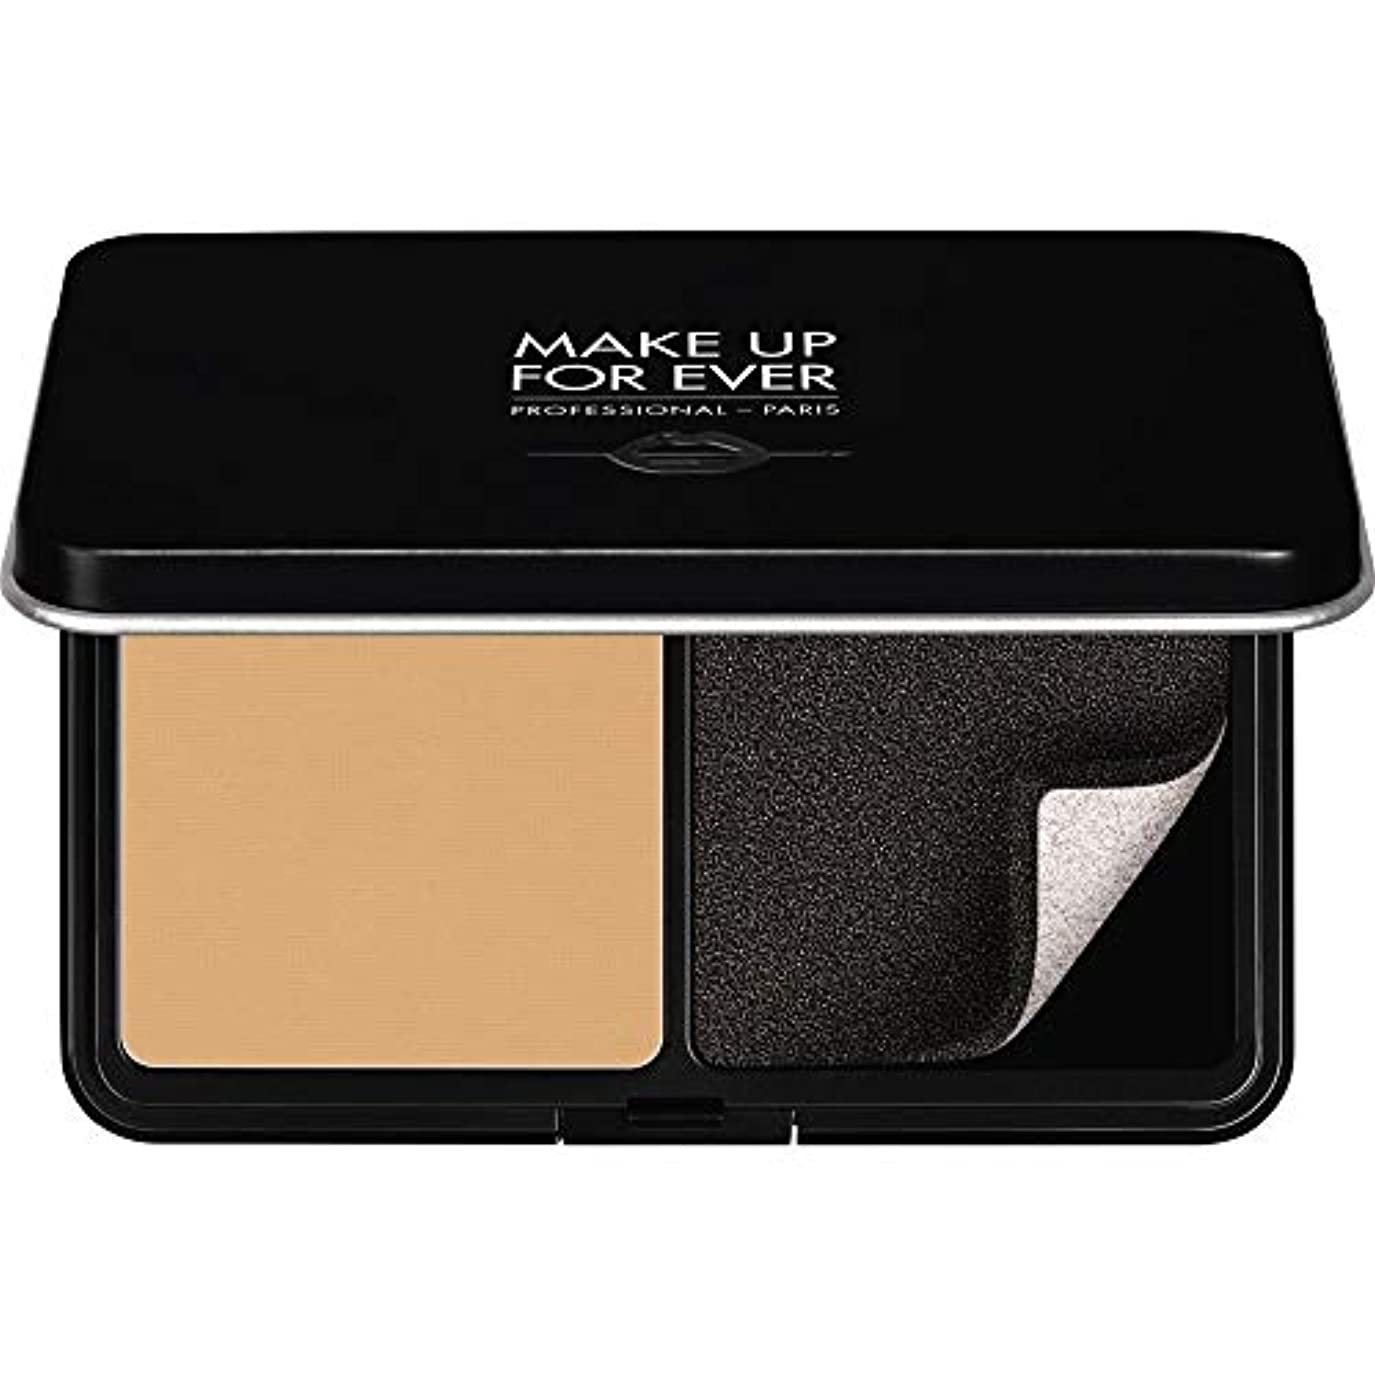 傷つきやすい爆発シプリー[MAKE UP FOR EVER ] 柔らかい砂 - パウダーファンデーション11GののY245をぼかし、これまでマットベルベットの肌を補います - MAKE UP FOR EVER Matte Velvet Skin...